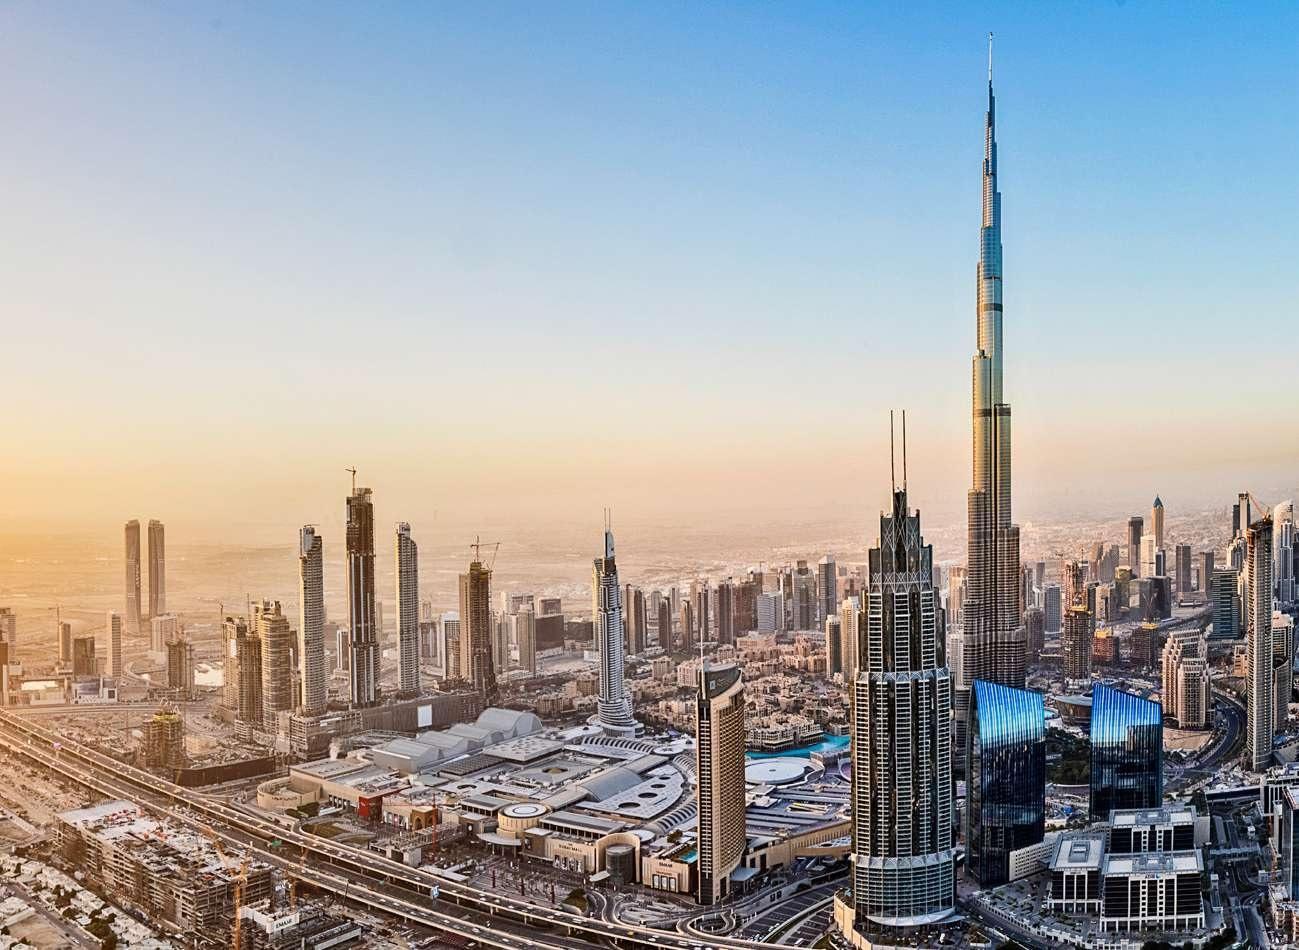 SHAPING THE FUTURE OF DUBAI